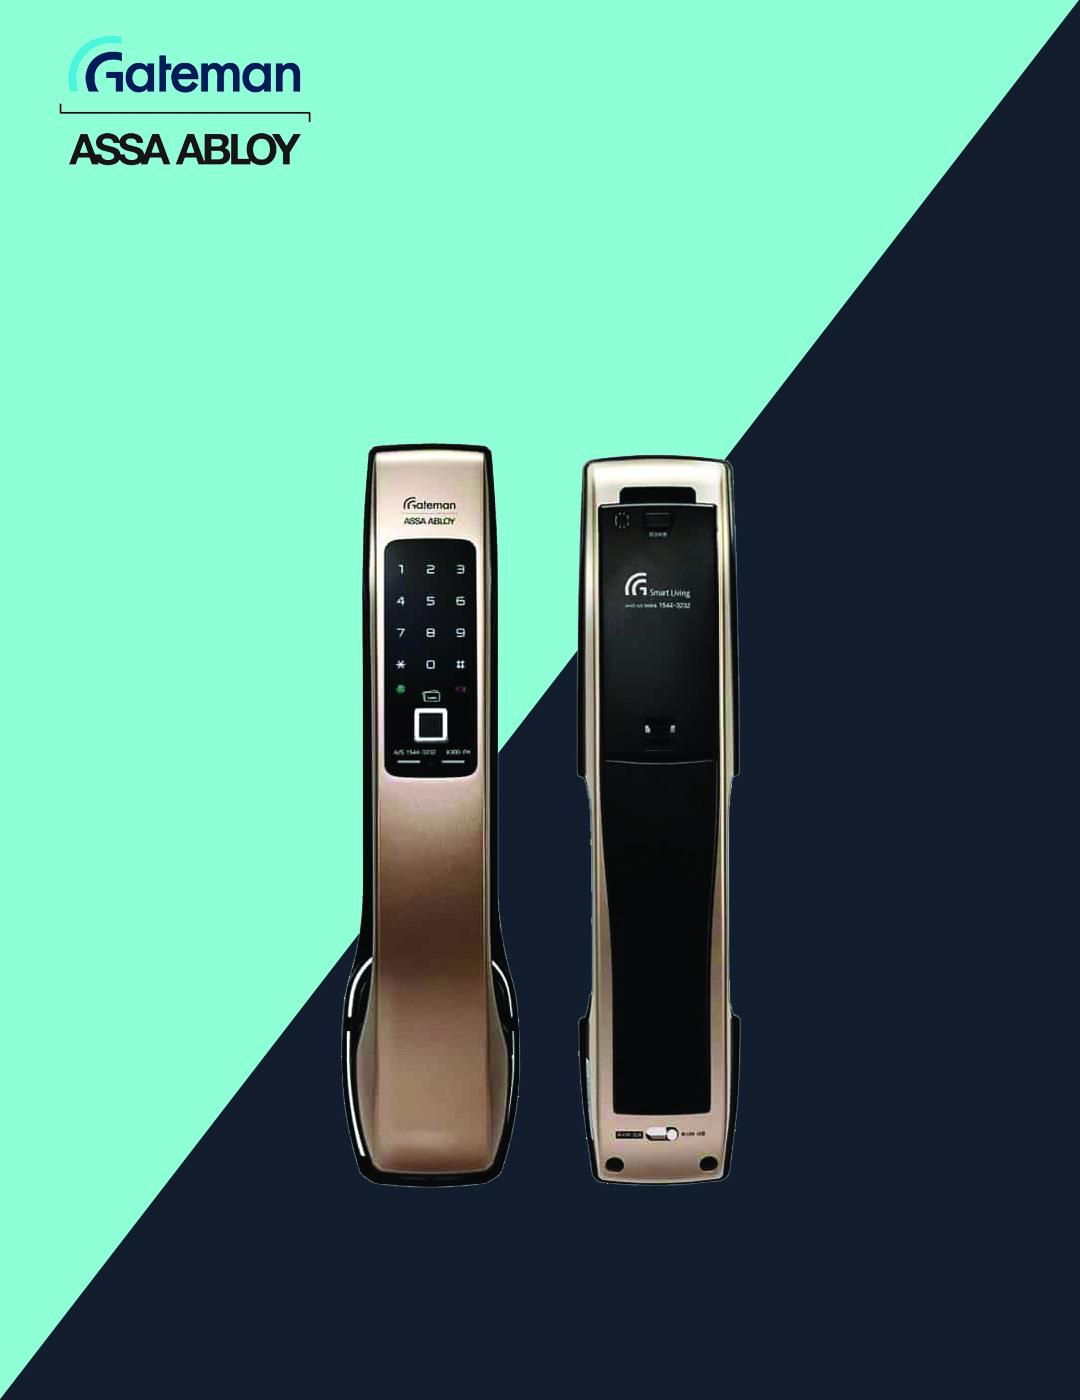 قفل دیجیتال گیت من مدل X300